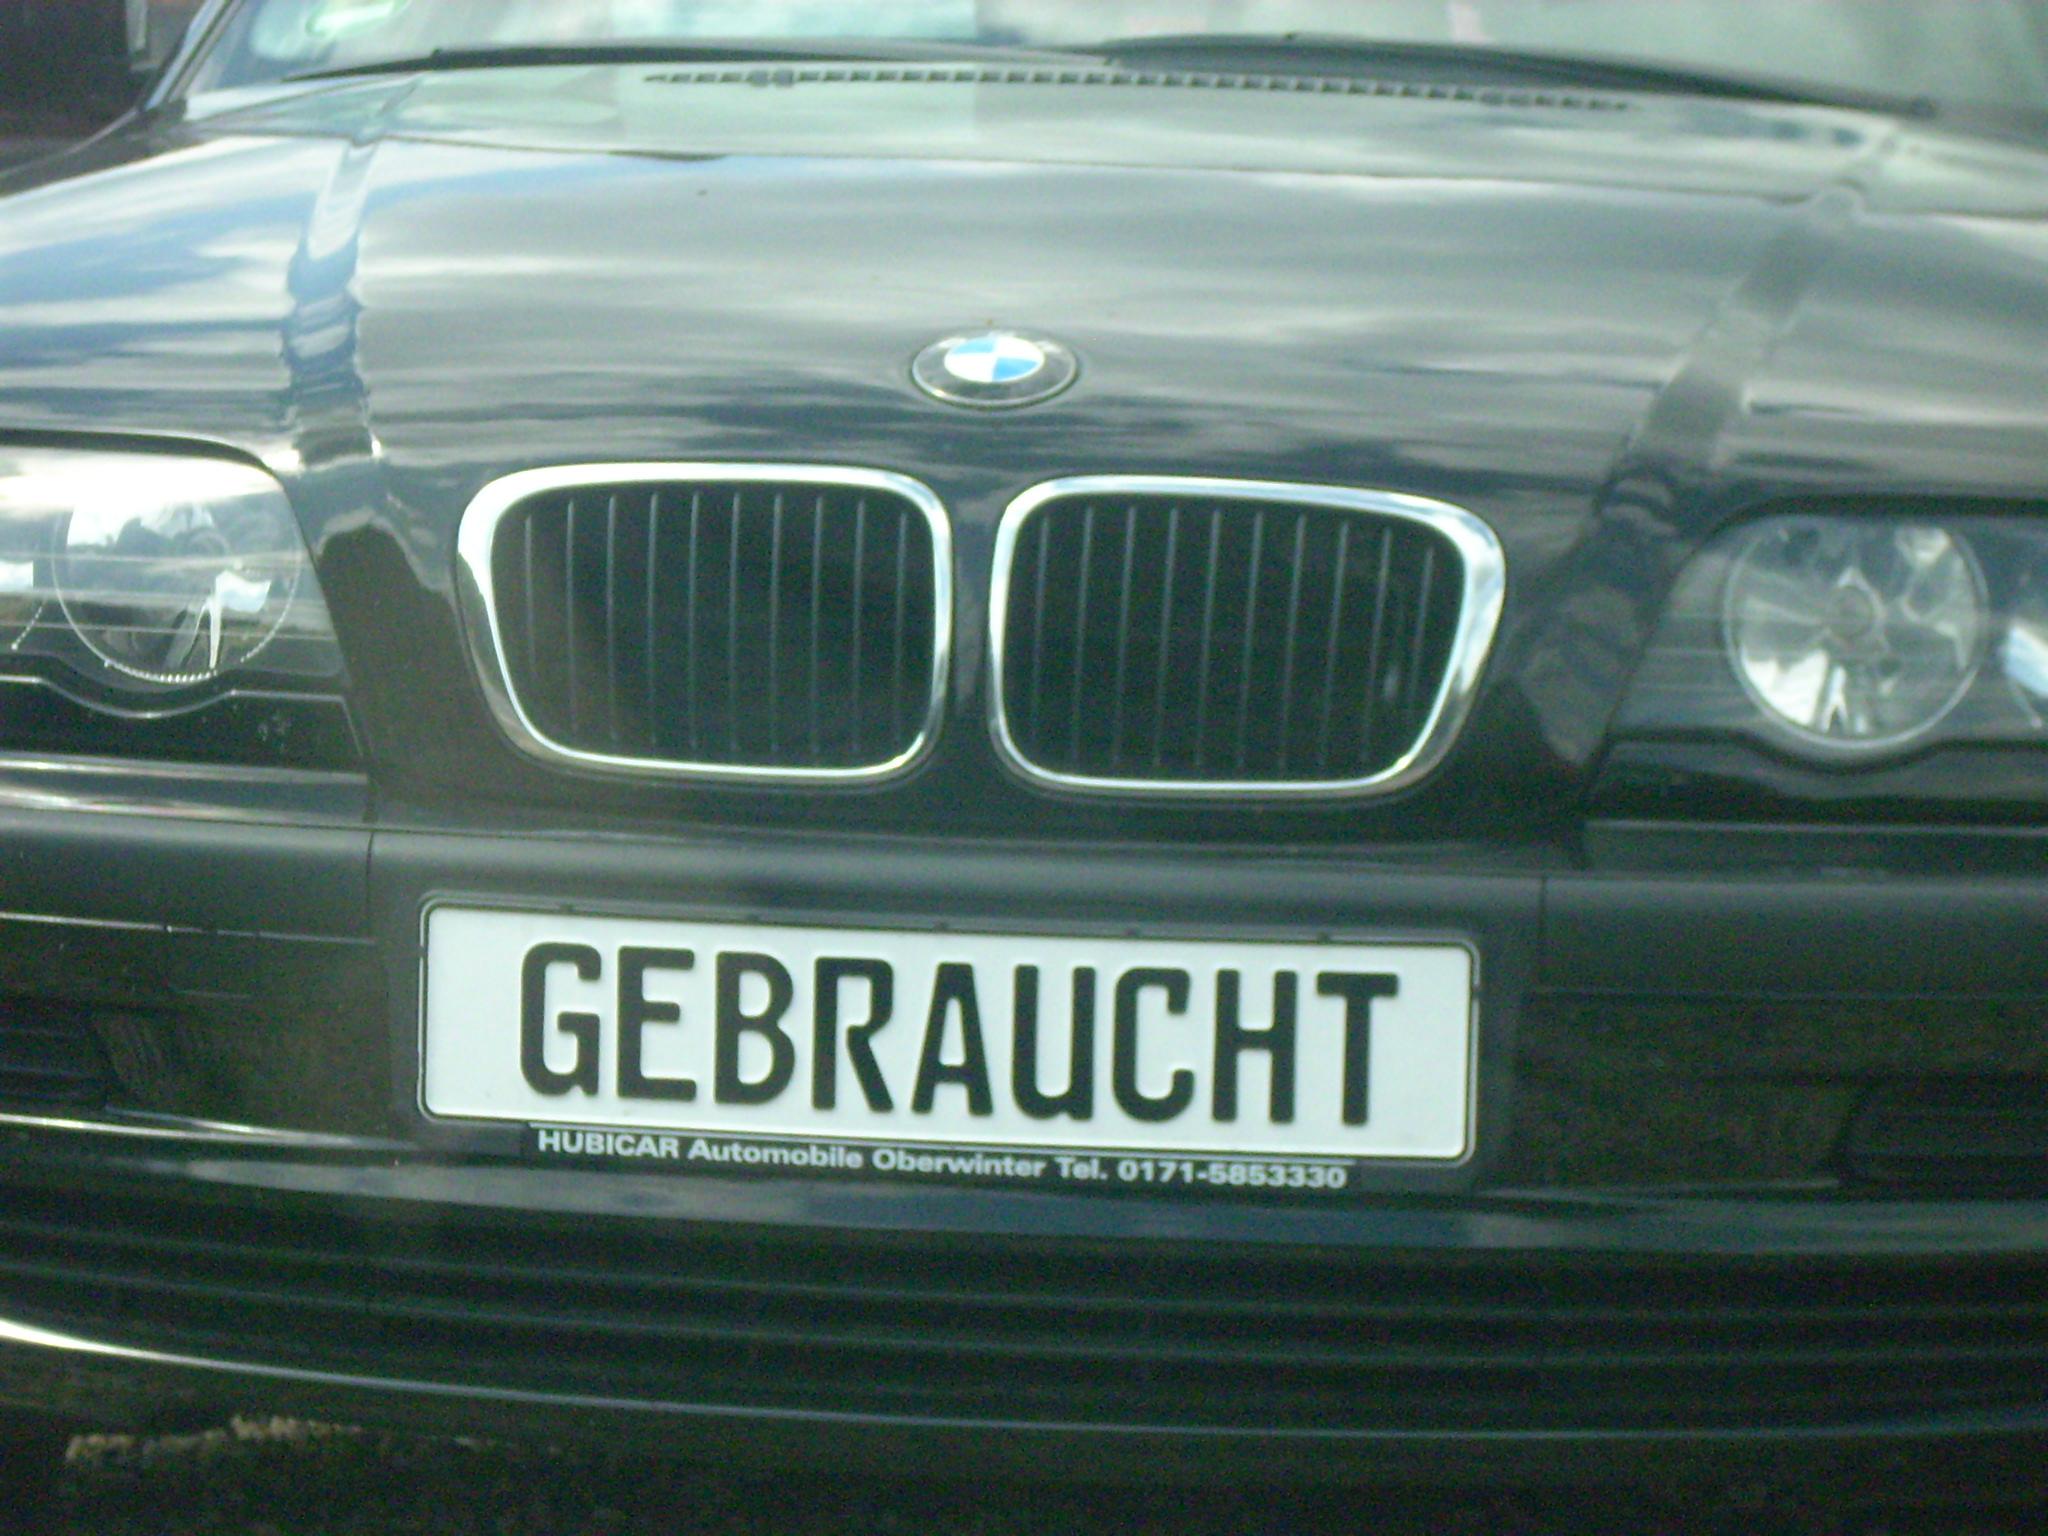 tysk fisse ophold ledsager